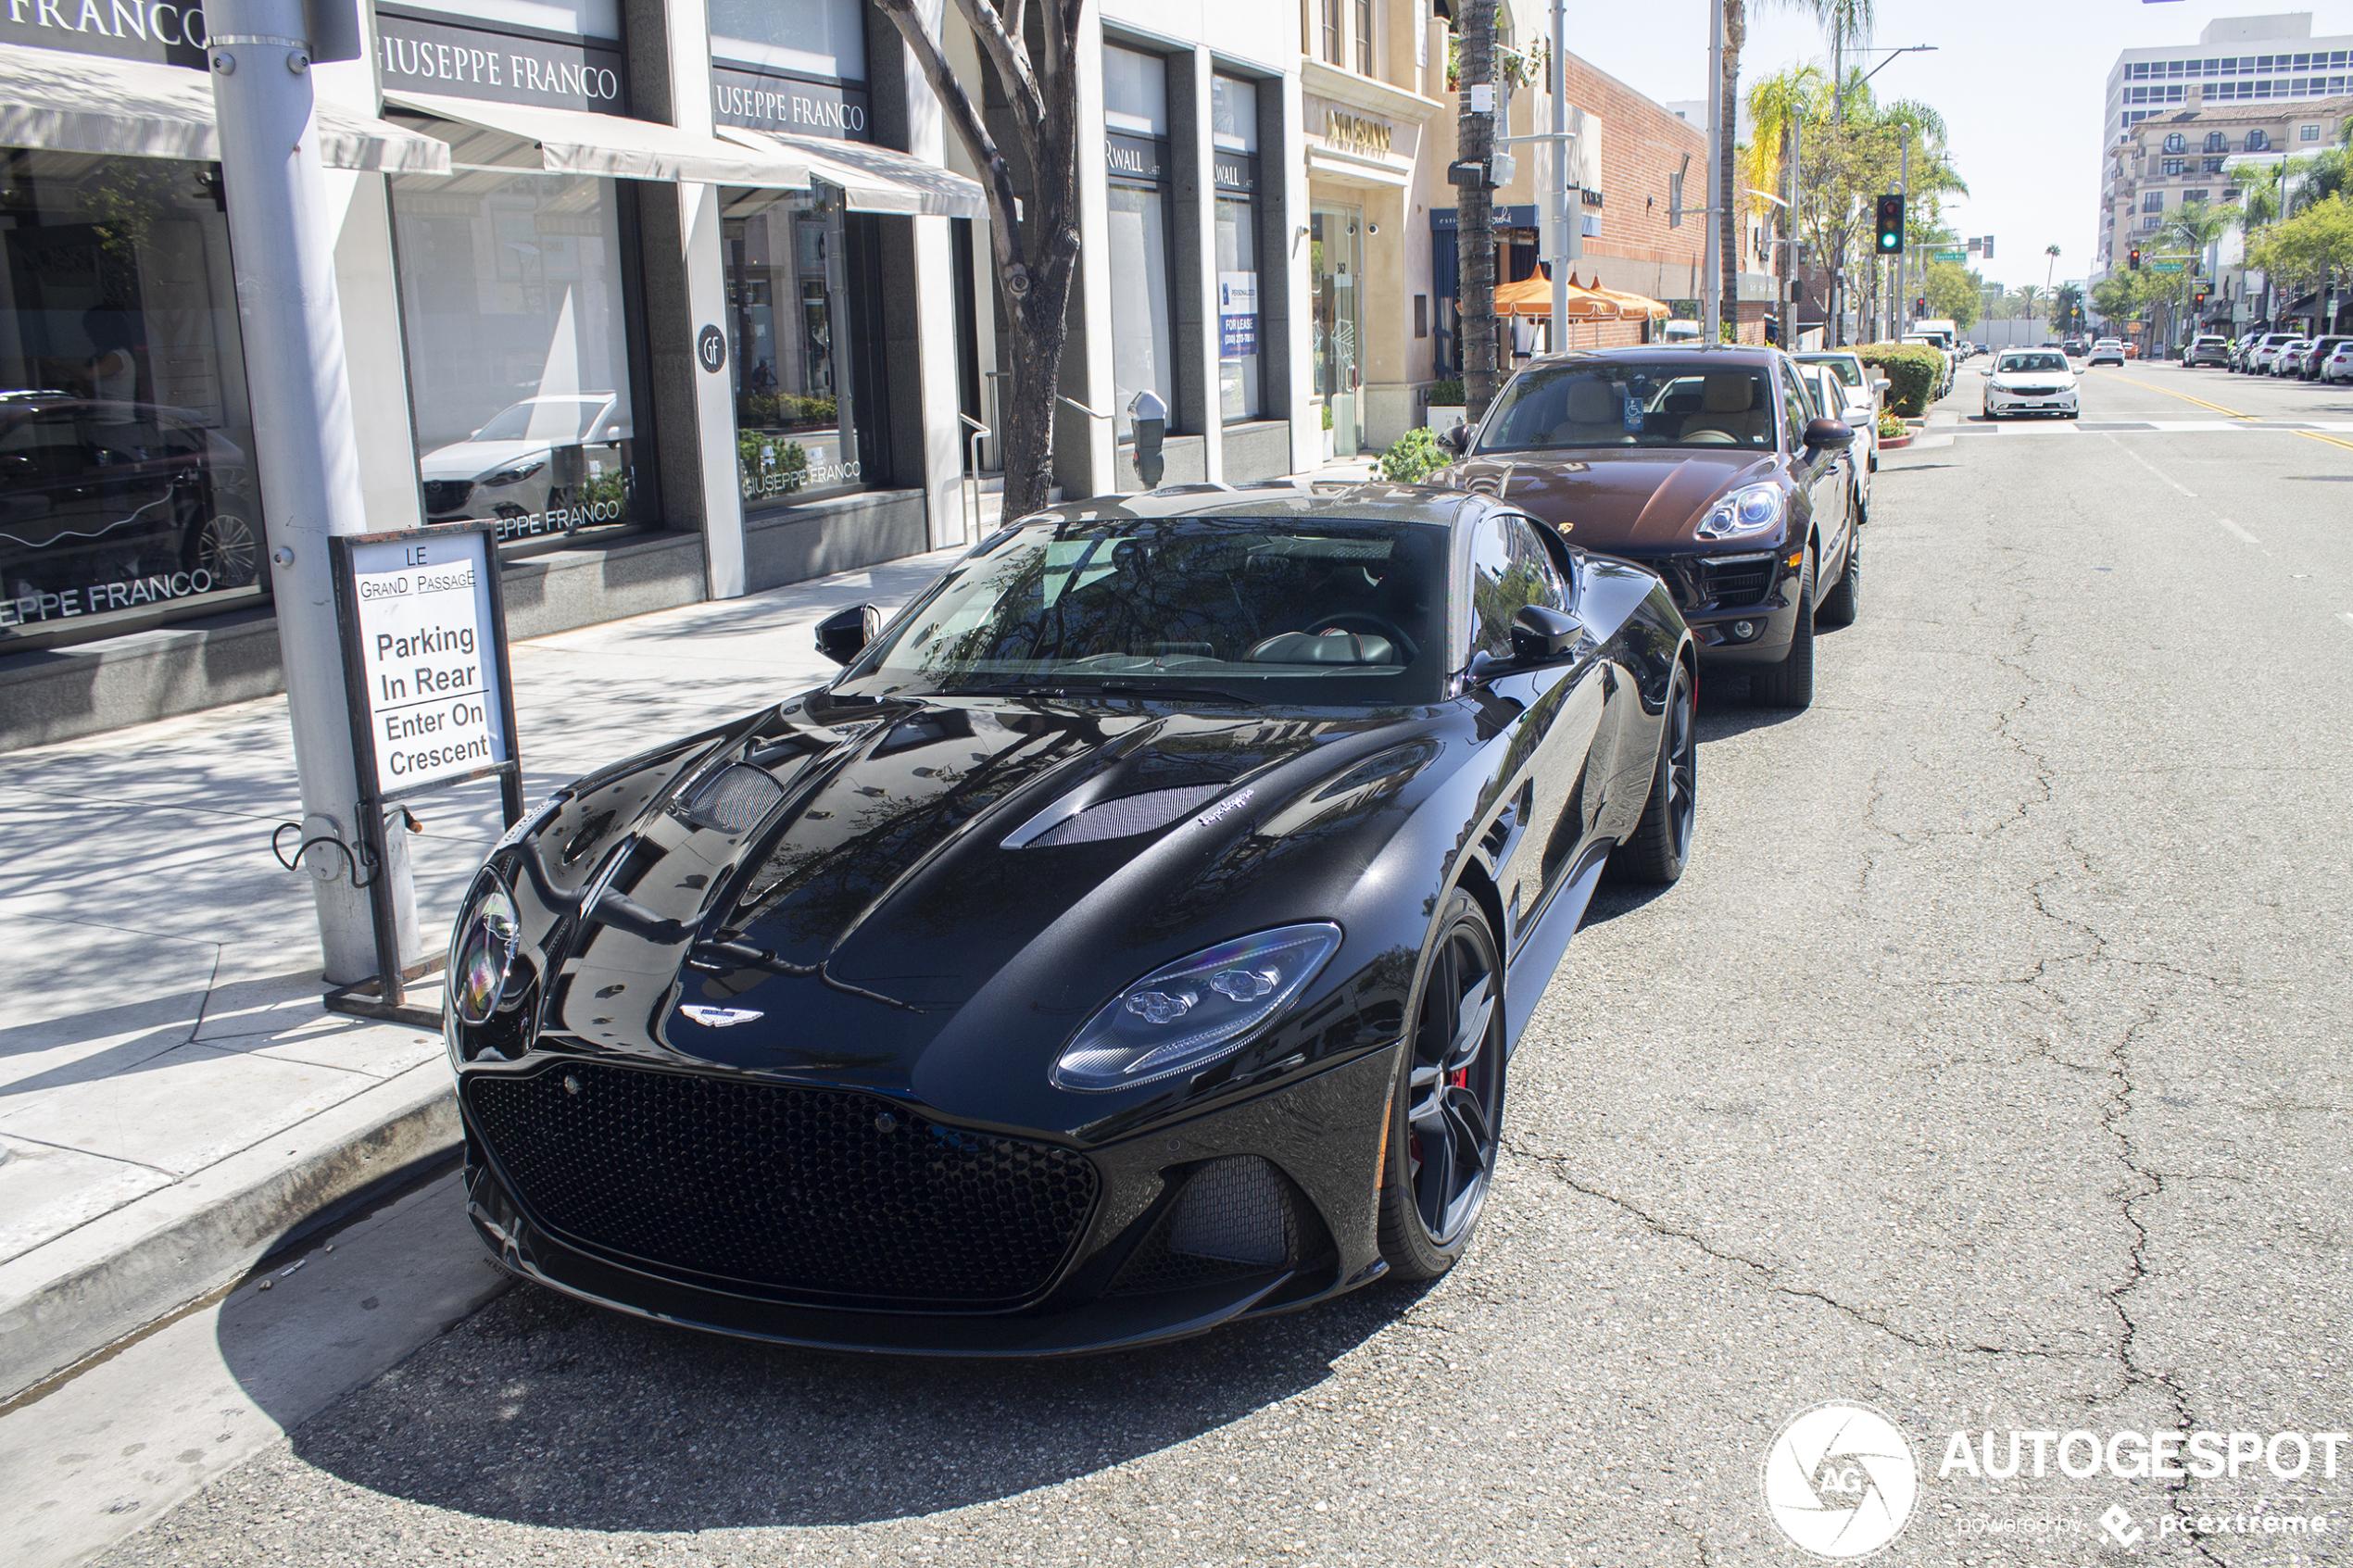 Aston Martin Dbs Superleggera 11 M Rz 2020 Autogespot